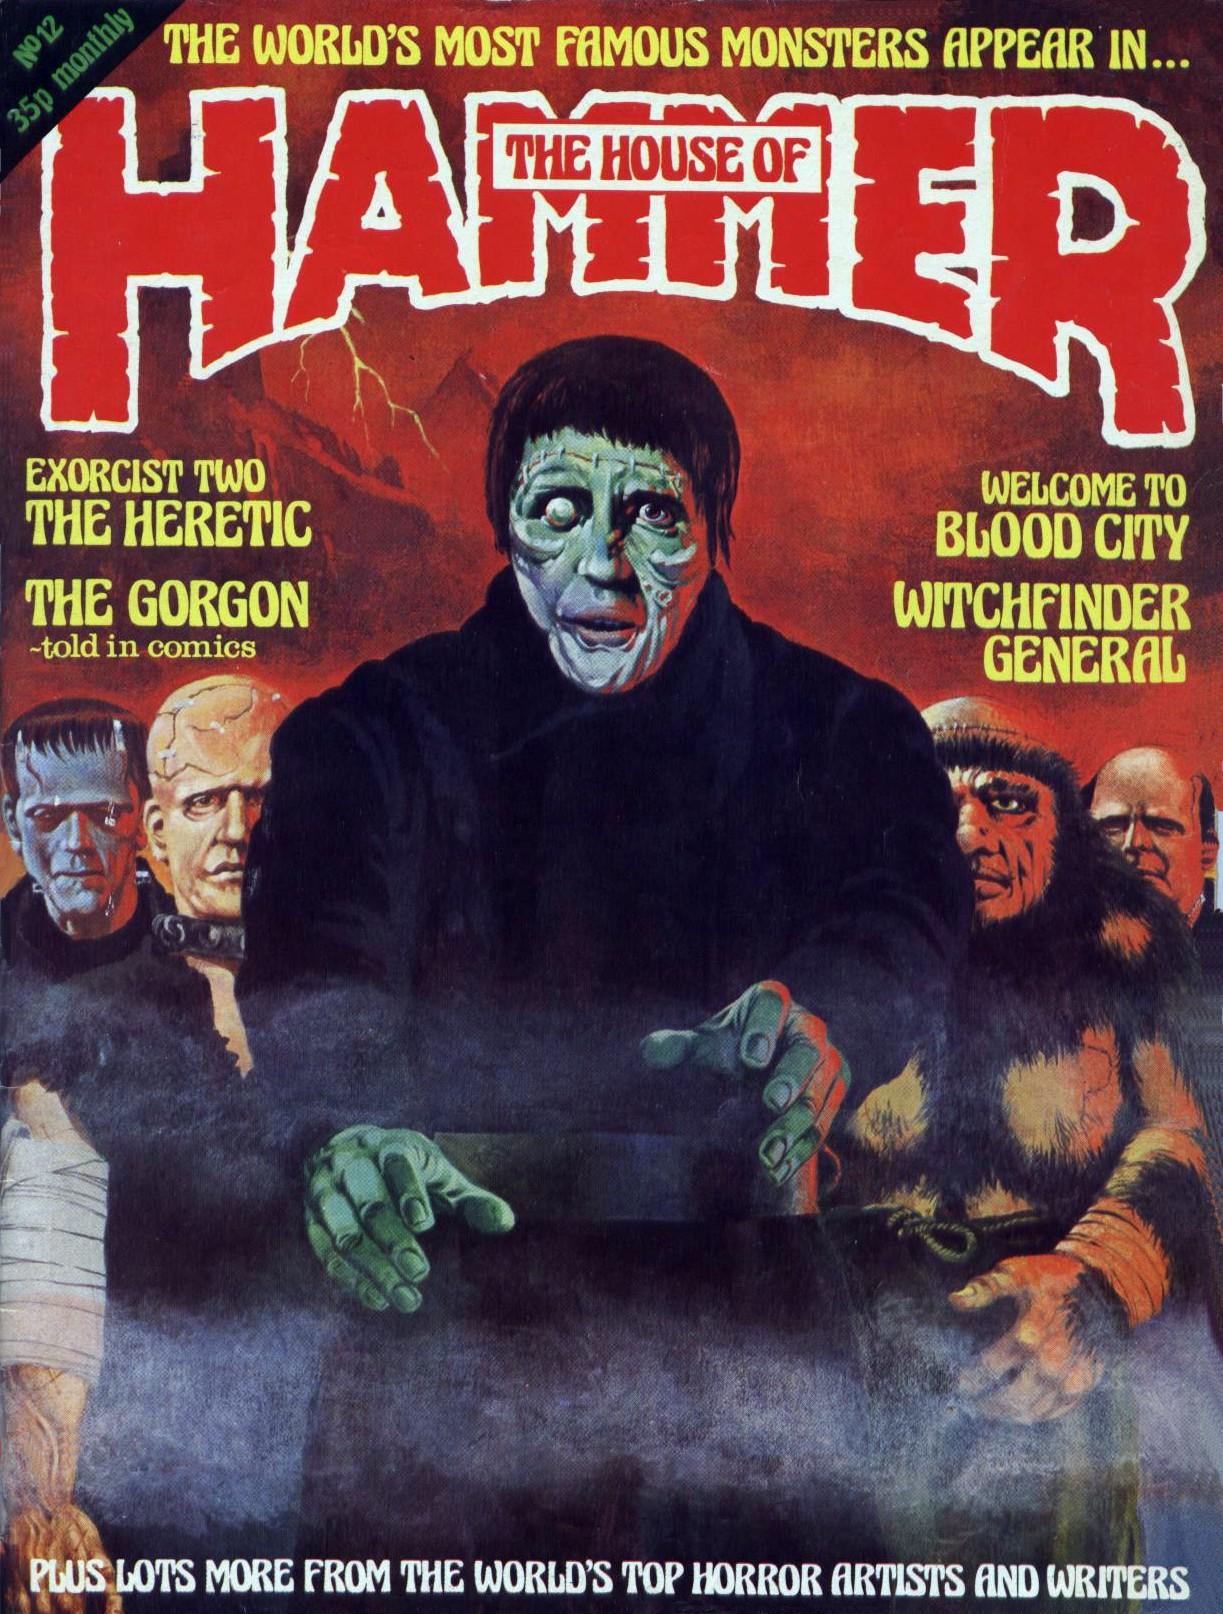 The House Of Hammer monster brains: house of hammer magazine